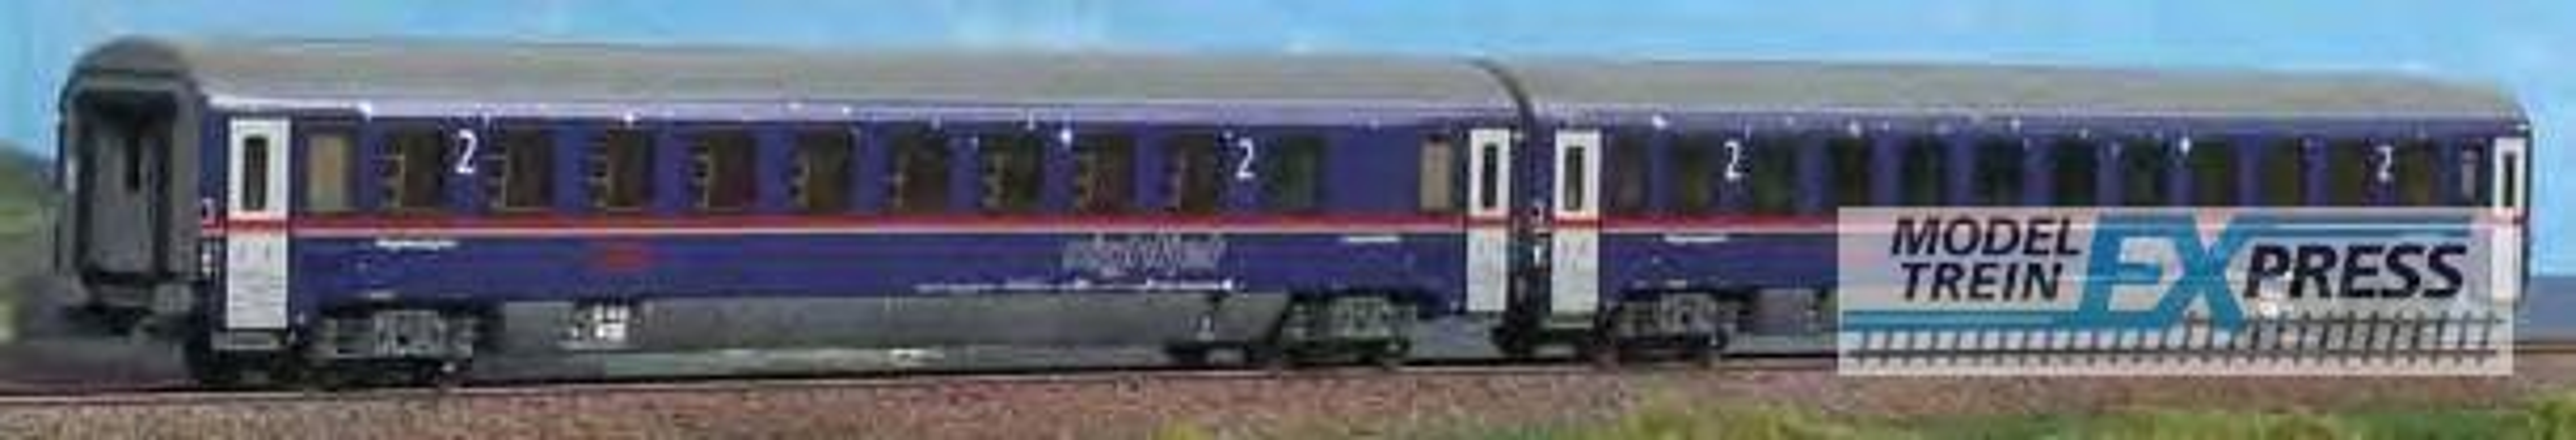 ACME 55236